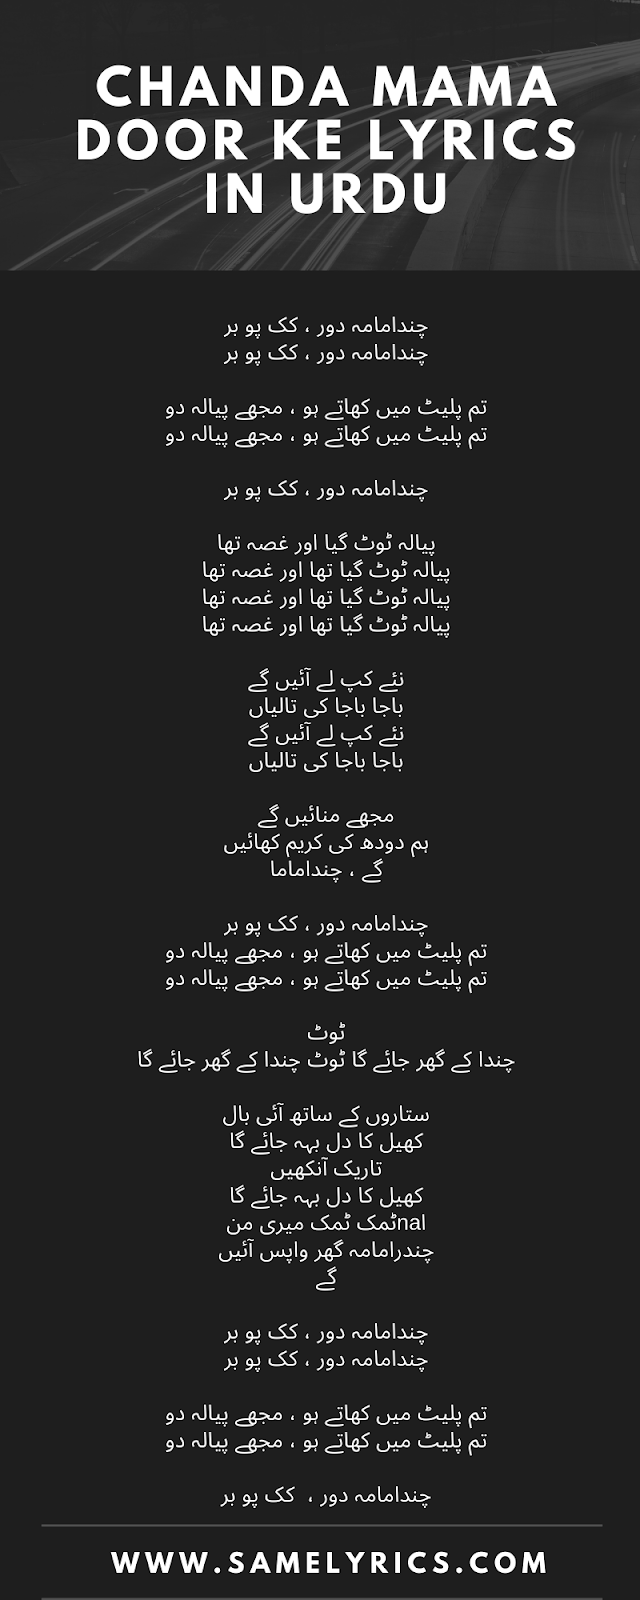 Chanda Mama Door Ke Lyrics In Urdu